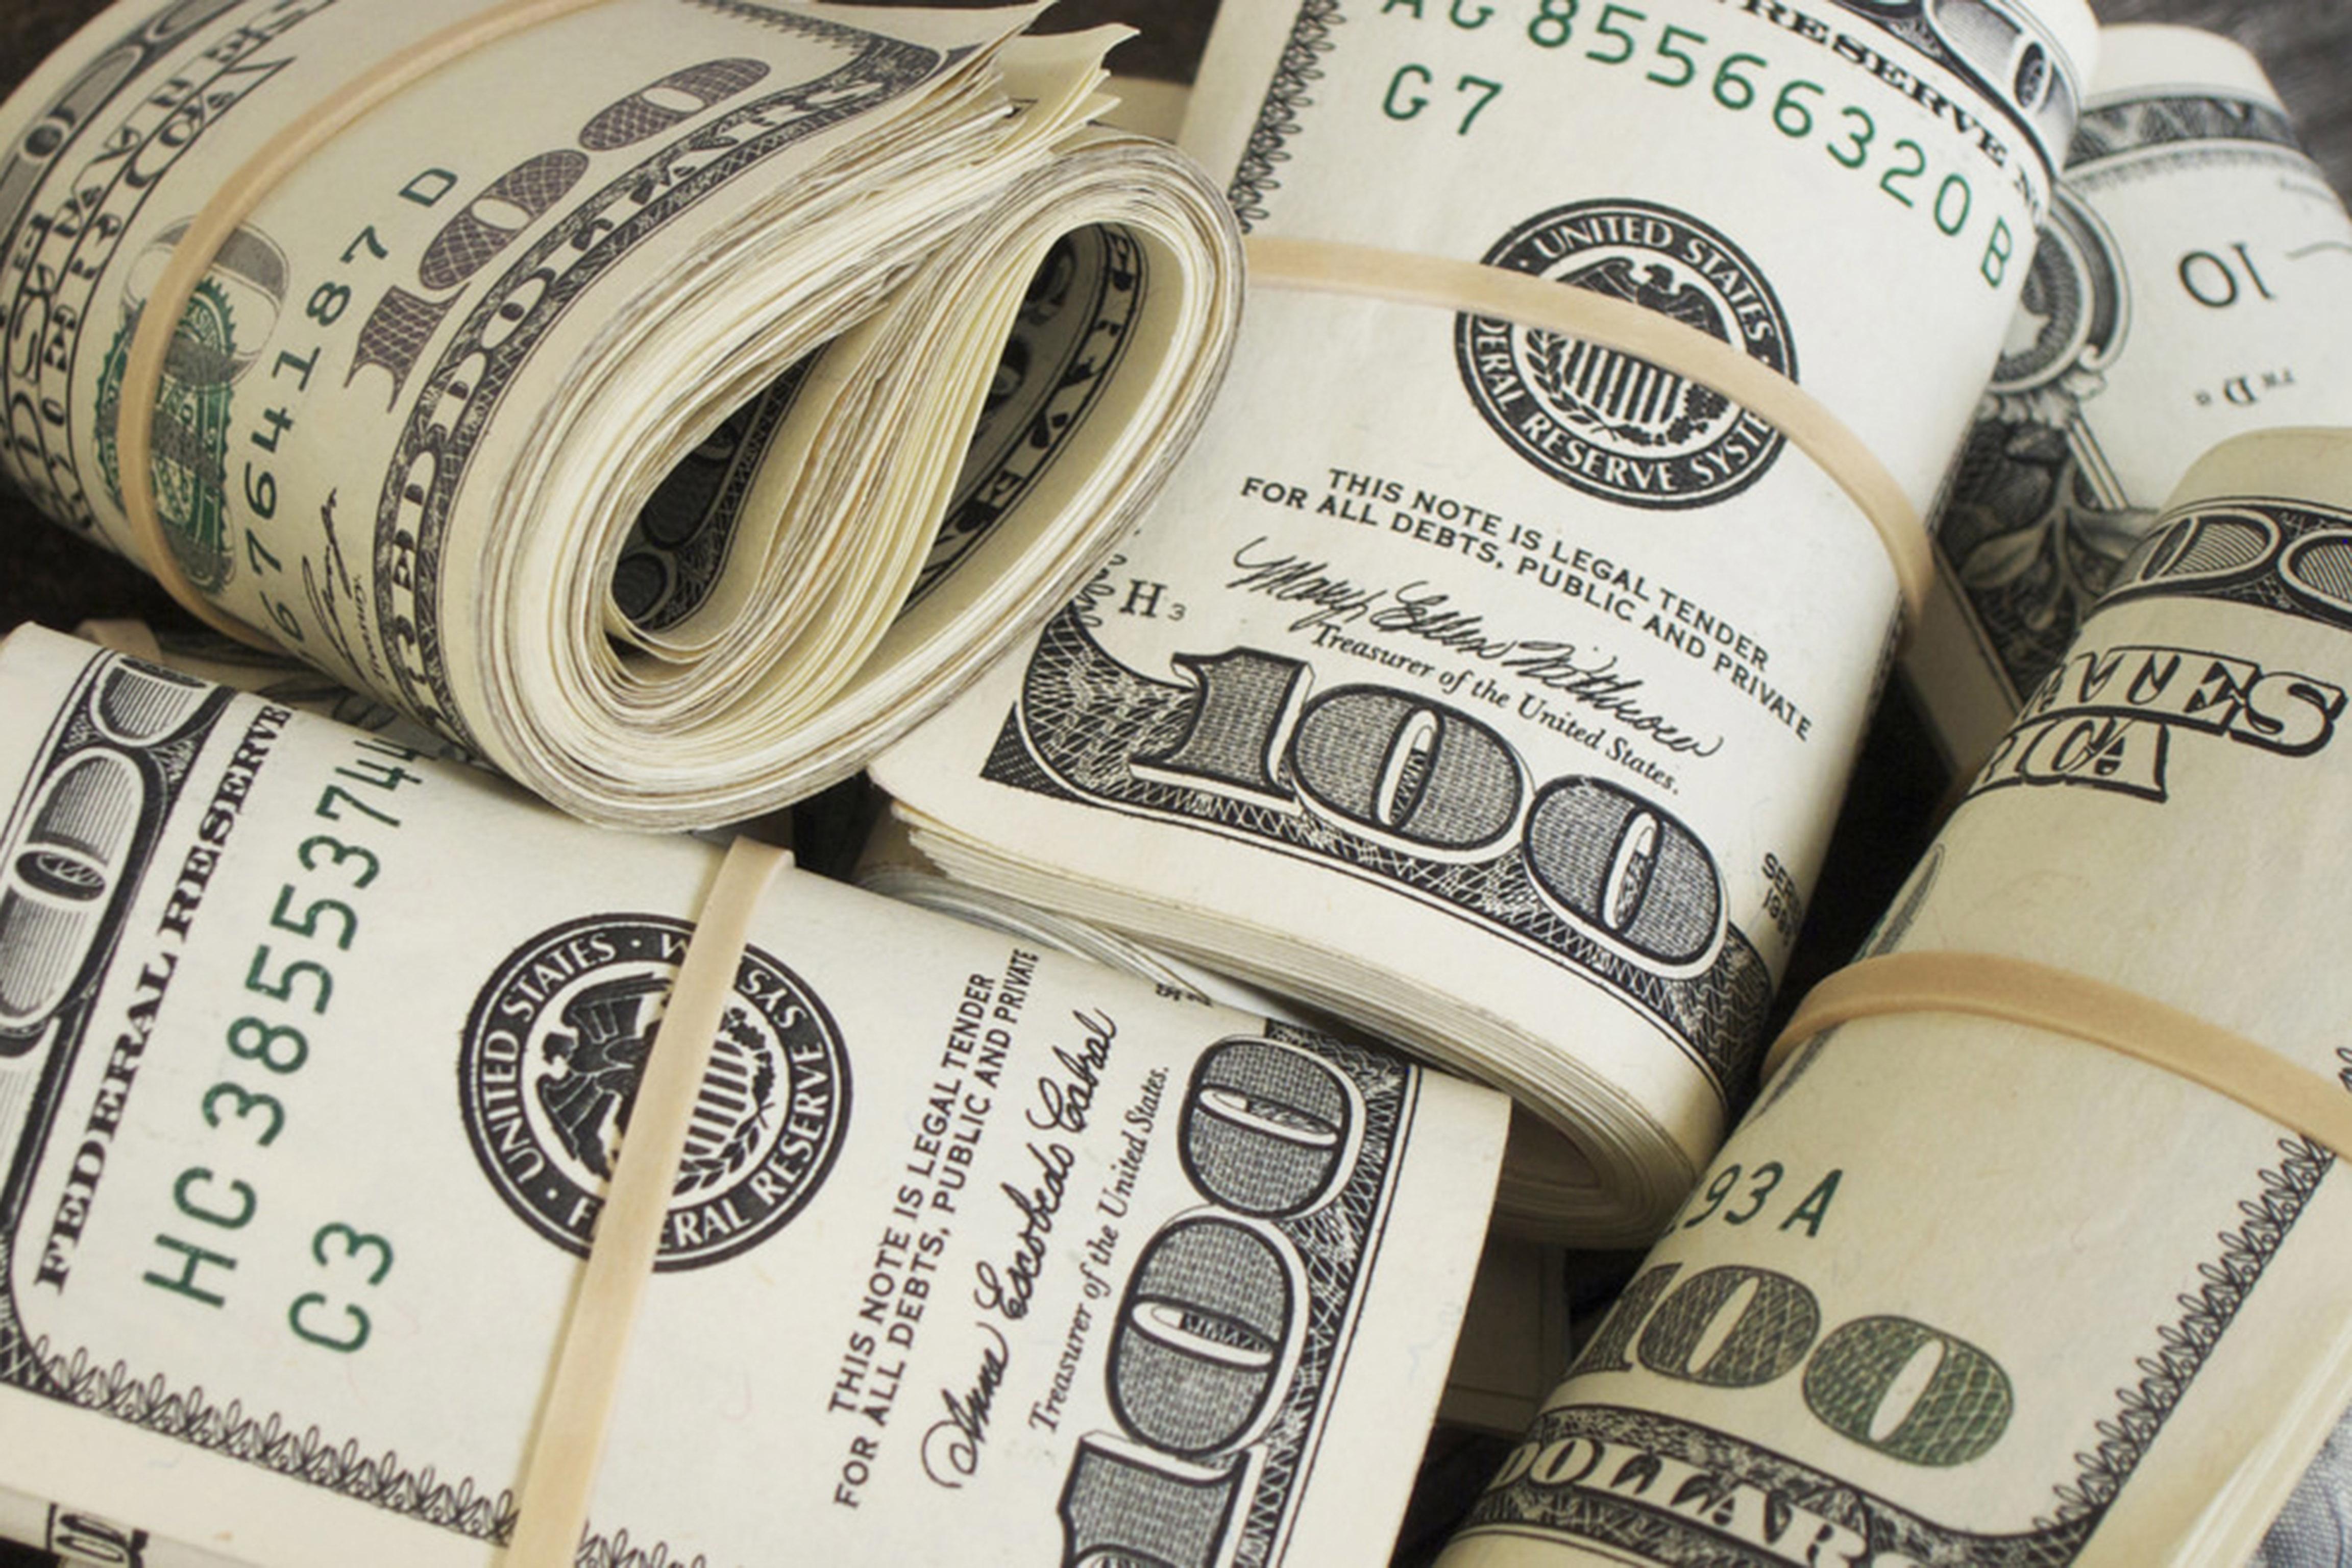 Ժամանակ. Նիկոլ Փաշինյանը սփյուռքահայ գործիչների հետ հանդիպմանը բողոքել է, որ տնտեսական կյանքում ակտիվությունը չնչին է և կոչ է արել ներդրումներ կատարել